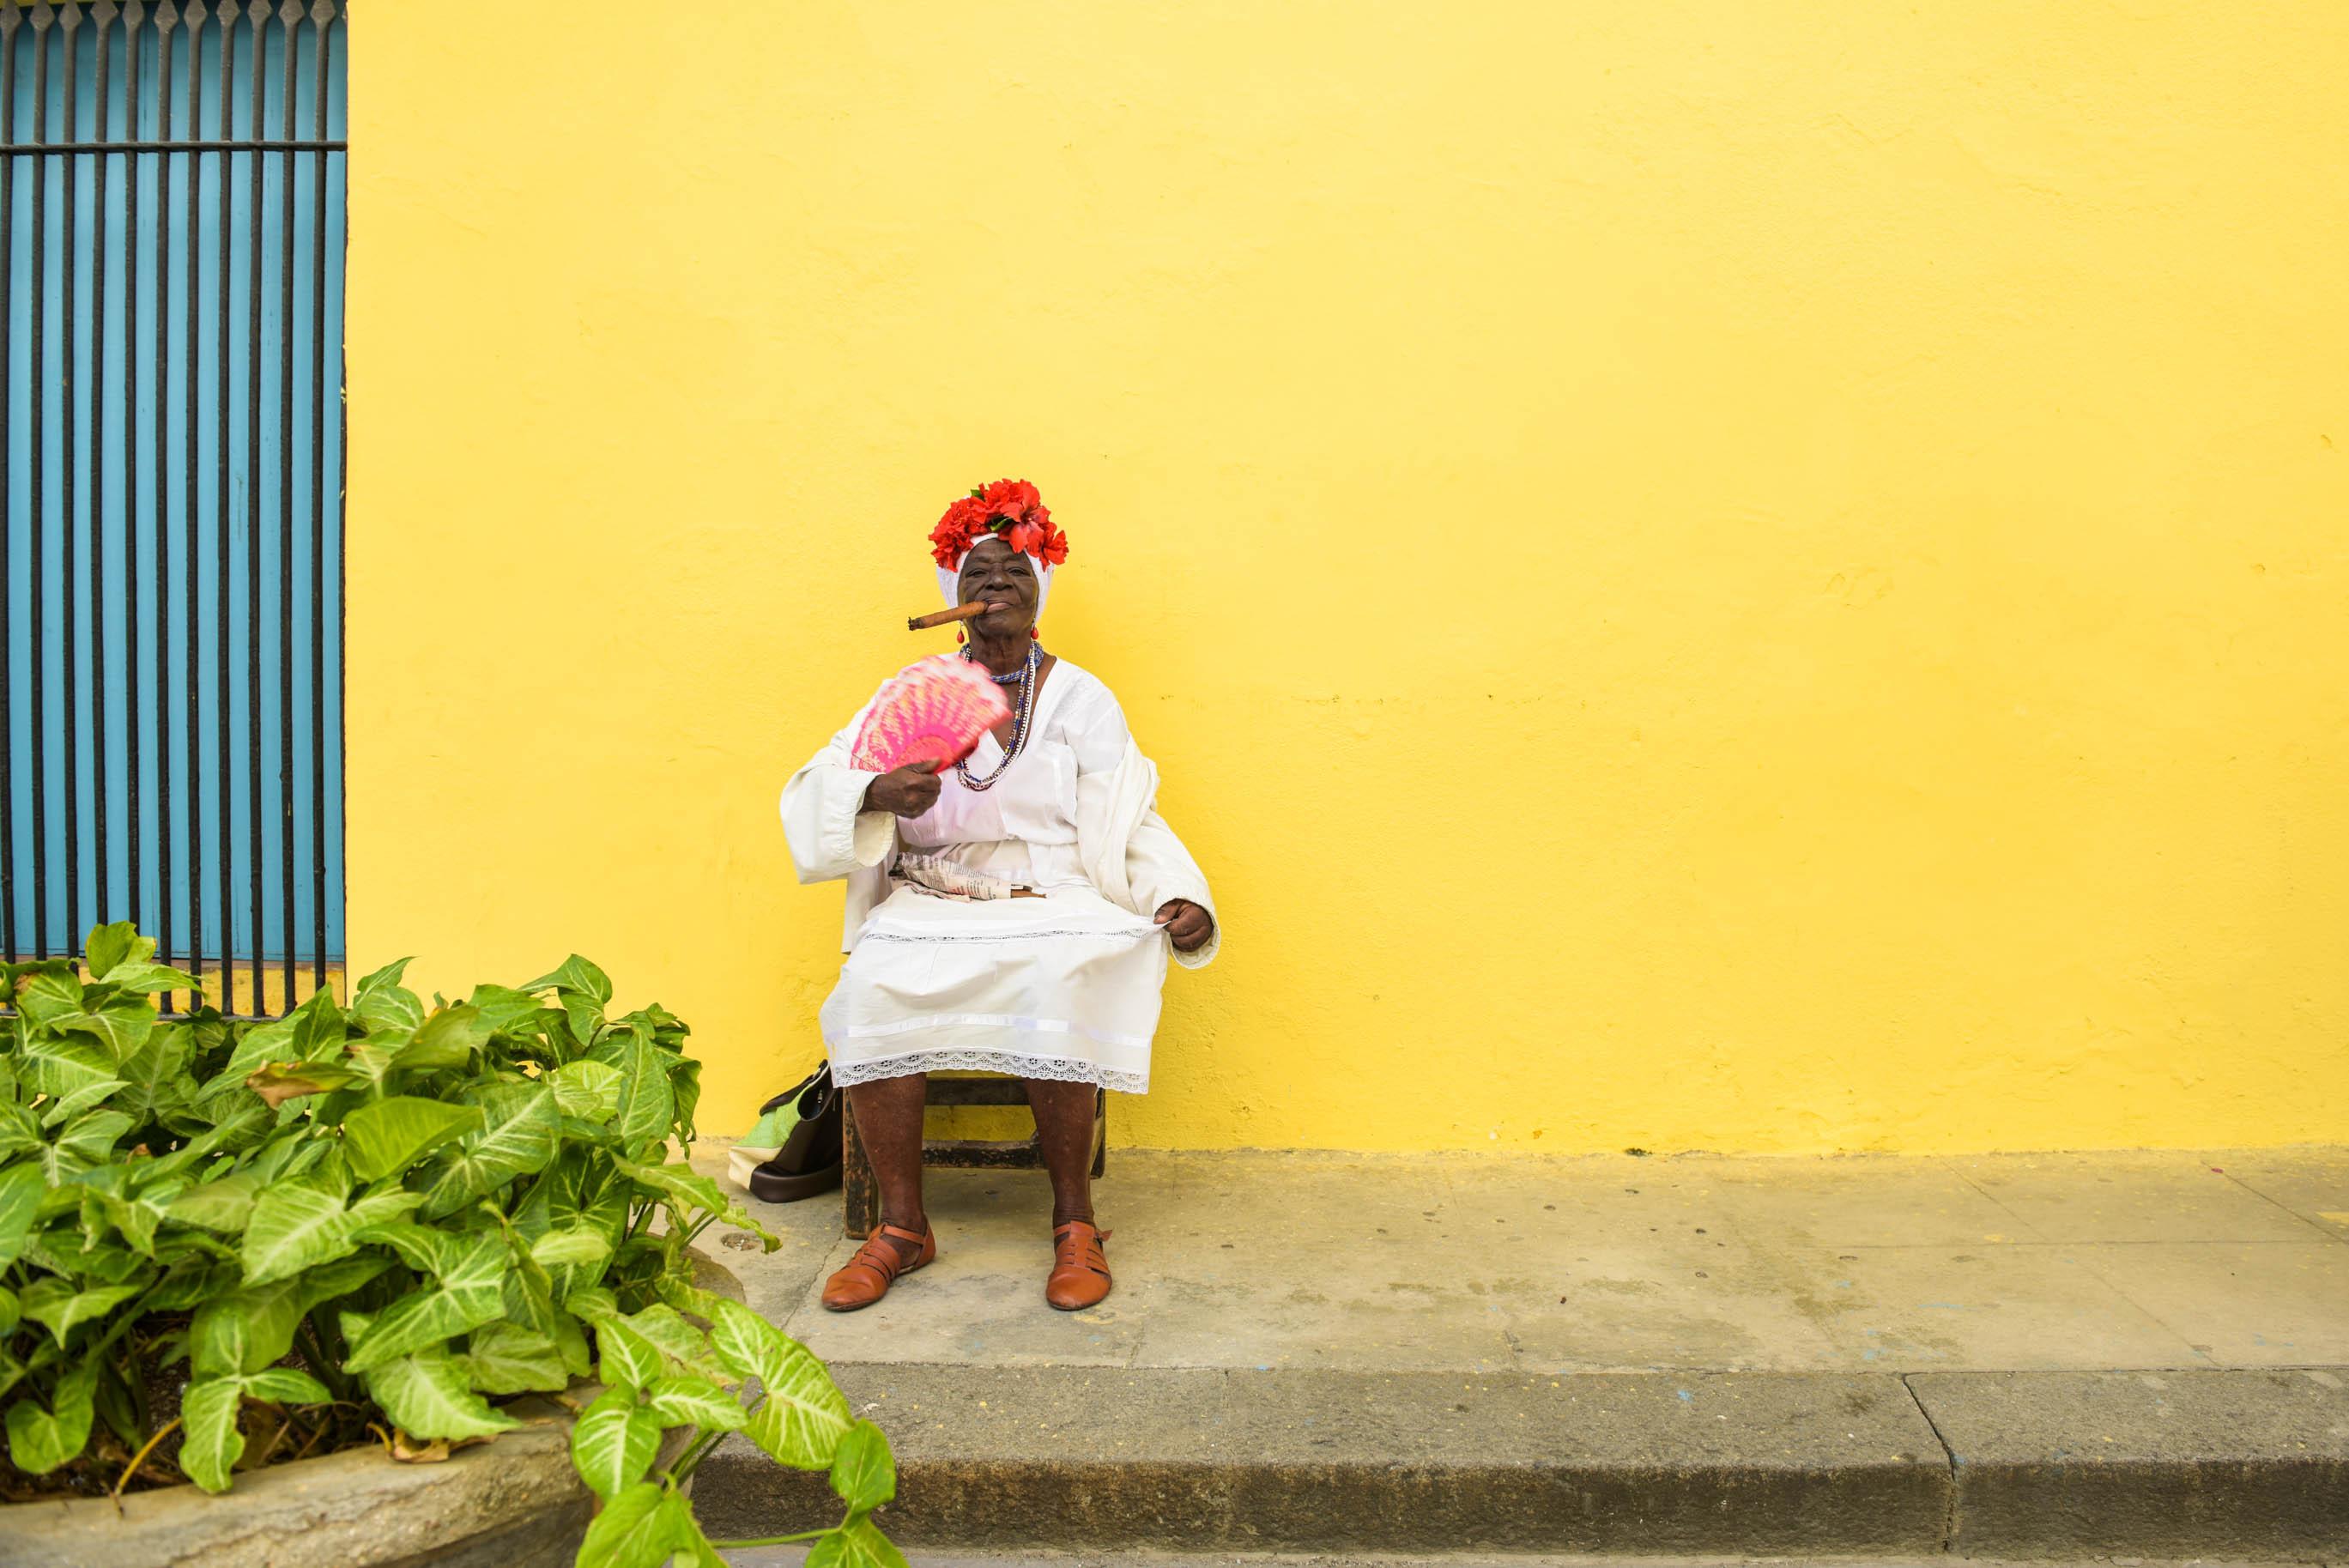 The Cuban Cigar Lady